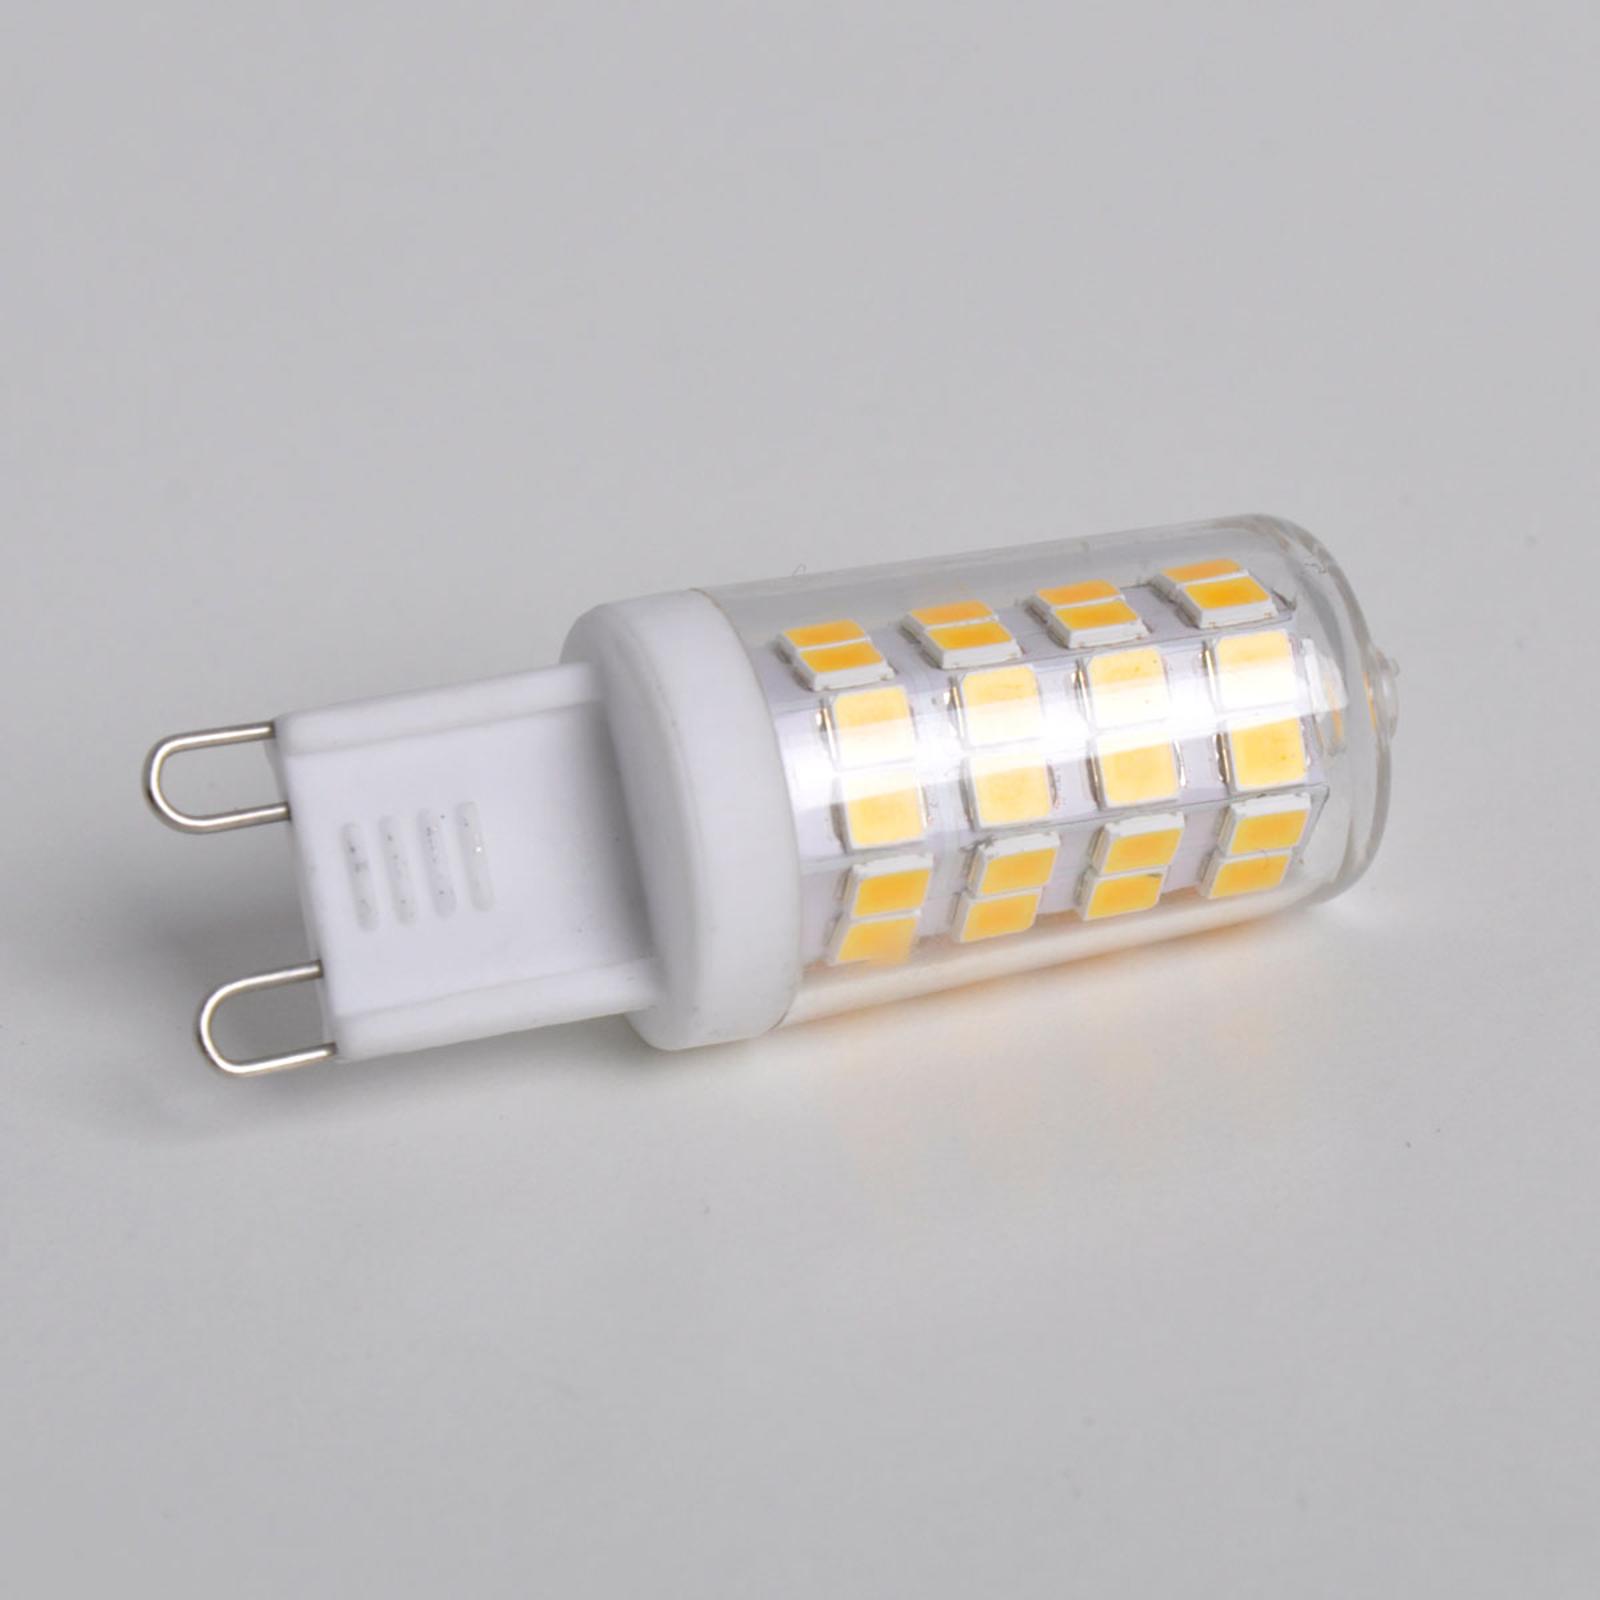 LED-kynälamppu G9 3W, lämmin valkoinen, 330 lm